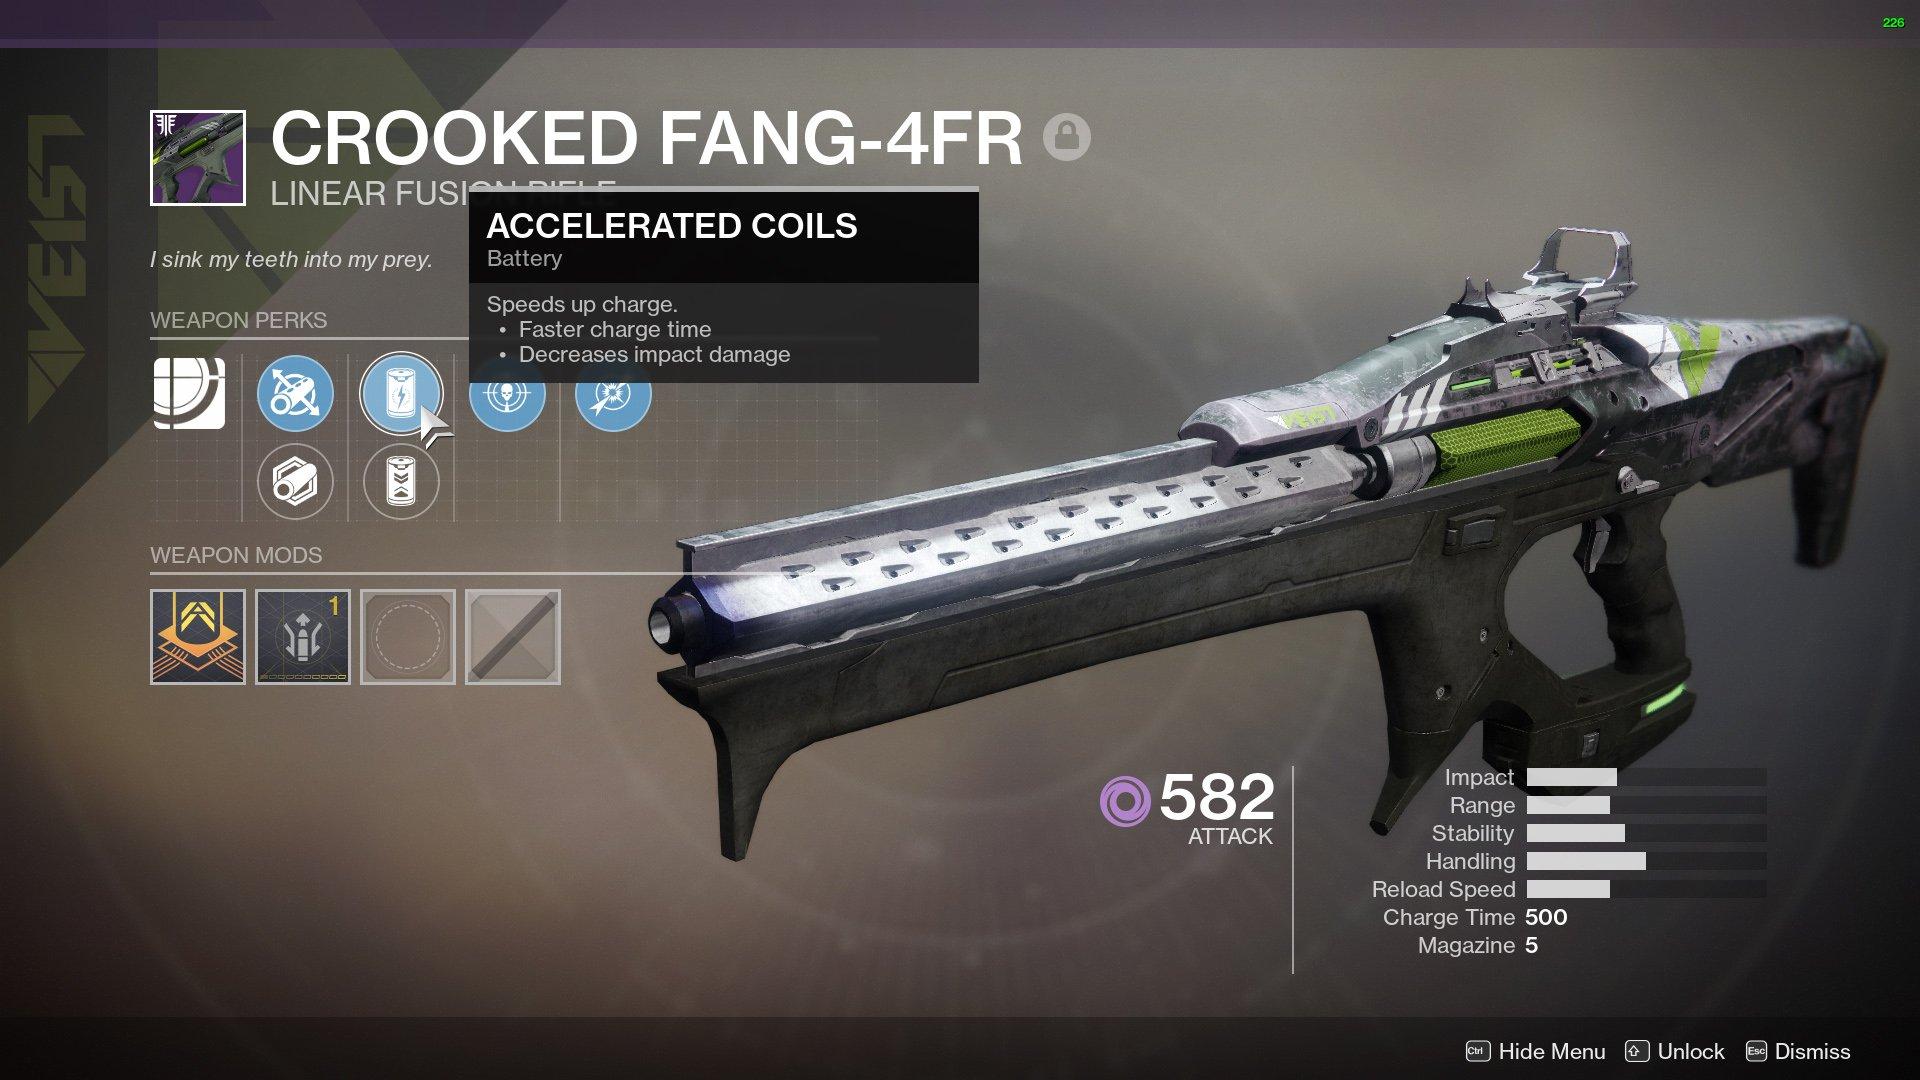 Crooked Fang-4fr Destiny 2